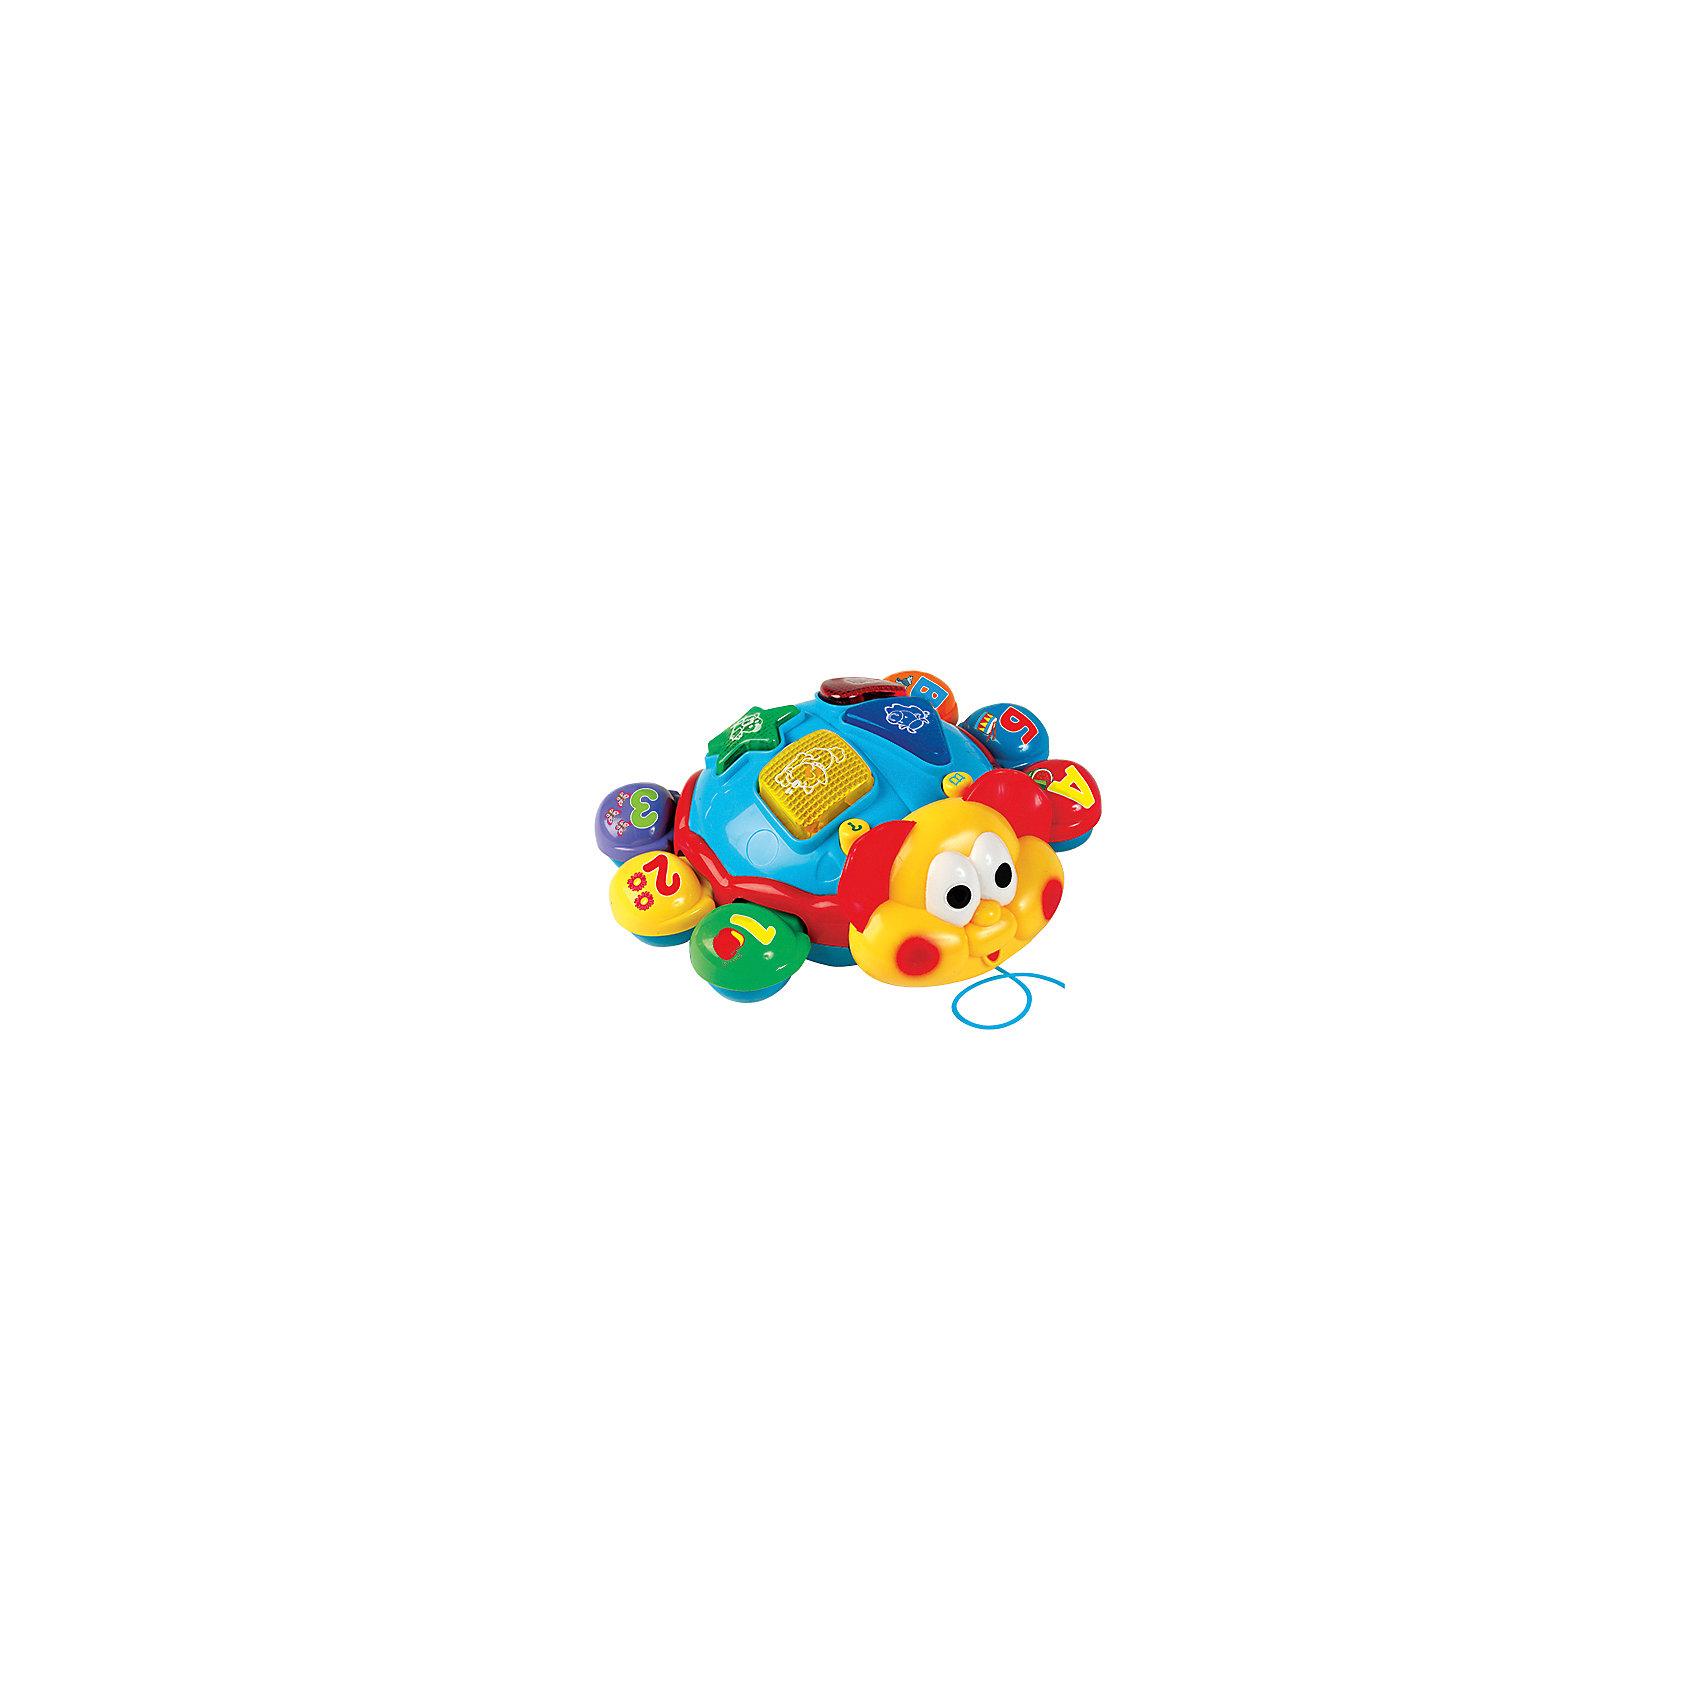 Интерактивная игрушка Умка Говорящий жук (свет, звук)Интерактивные игрушки для малышей<br>Говорящий Жук станет отличным подарком для малыша. Ребенок сразу обратитна на его яркий цвет. Жук споет 5 песен В. Шаинского из мультфильмов. Поможет выучит буквы и цифры, название животных и отличать их голаса, название формы, новые слова. Есть режим эксзамен где ребенок и родителе смогут проверить знания. Игрушку можно катать за веревочку. Сделана из прочного, высококачественного пластика. Развивает зрение, логику, мелкую моторику, слух, внимание, координацию движений. Рекомендовано детям от 6 месяцев. Работает от 3 батареек типа АА (входят в комплект).<br><br>Ширина мм: 260<br>Глубина мм: 90<br>Высота мм: 250<br>Вес г: 660<br>Возраст от месяцев: 72<br>Возраст до месяцев: 60<br>Пол: Унисекс<br>Возраст: Детский<br>SKU: 7117605